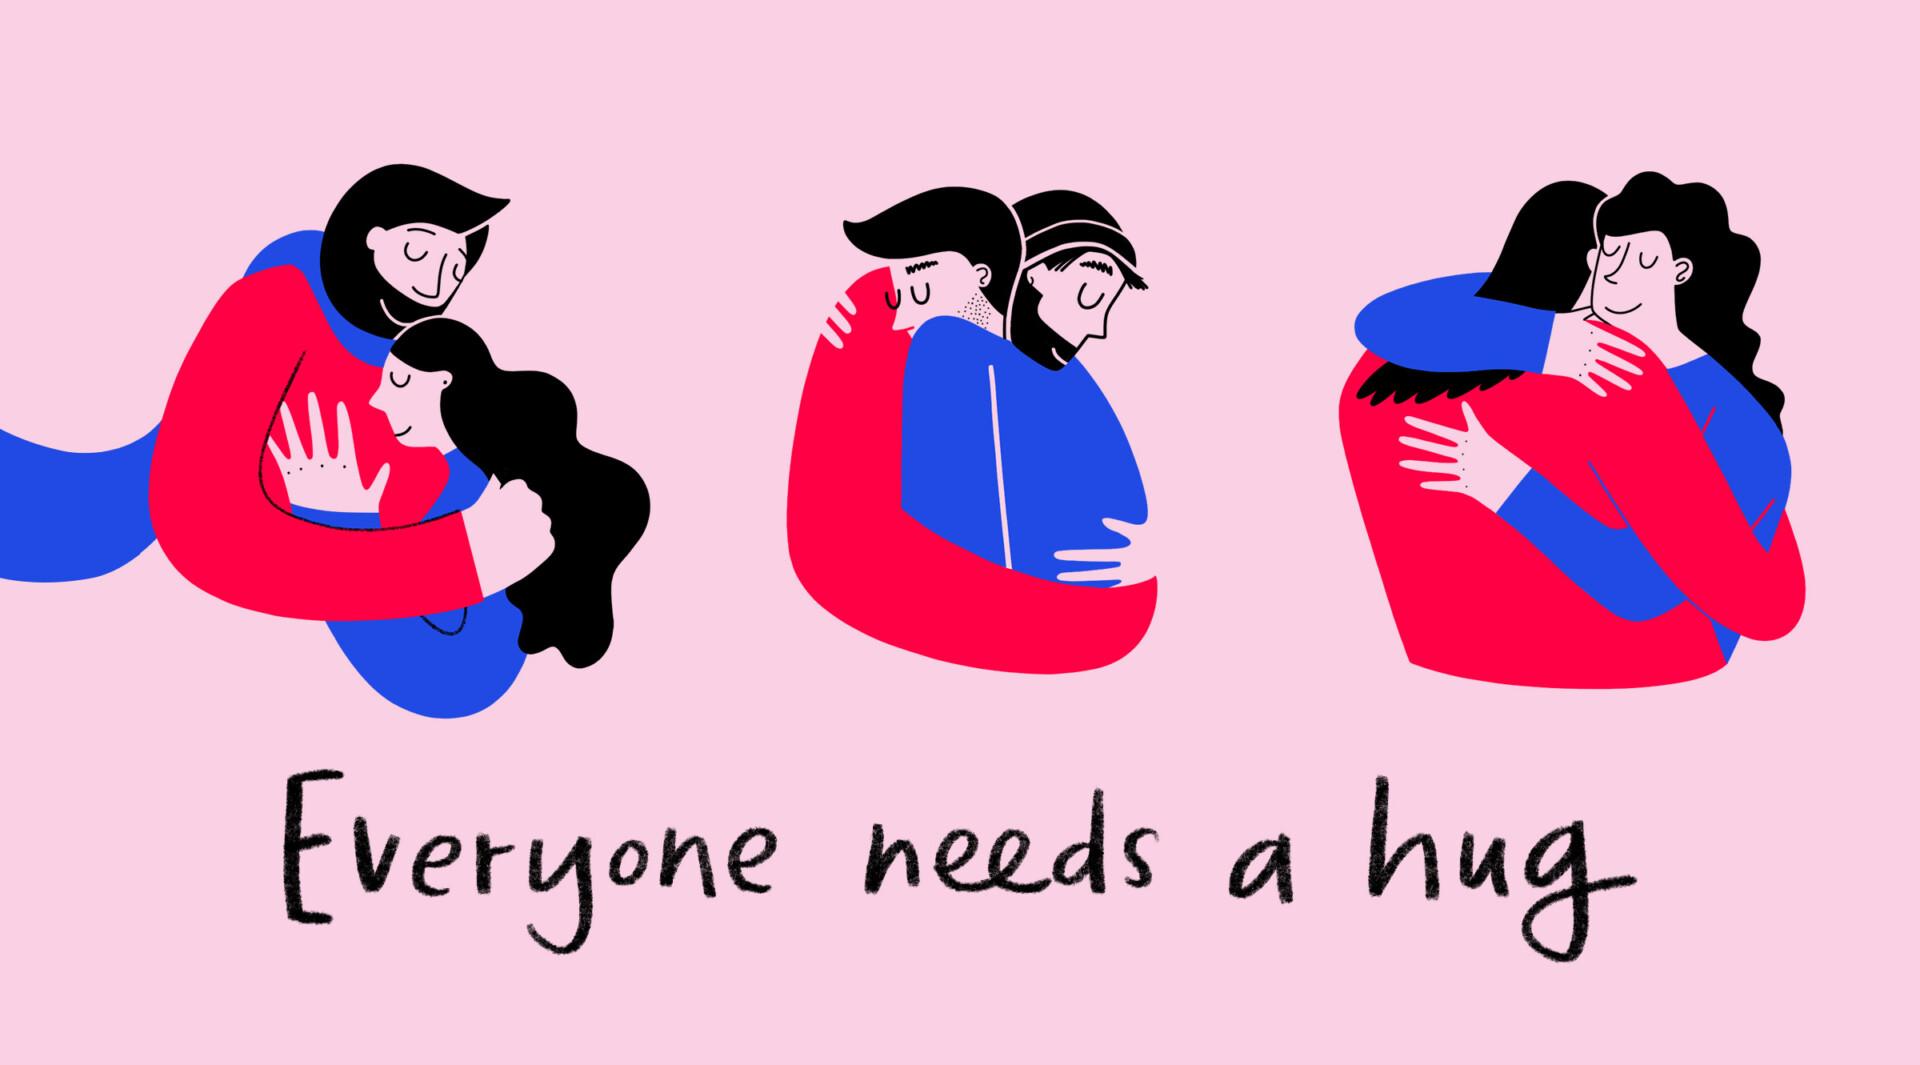 Umarmung Hug Illustration People